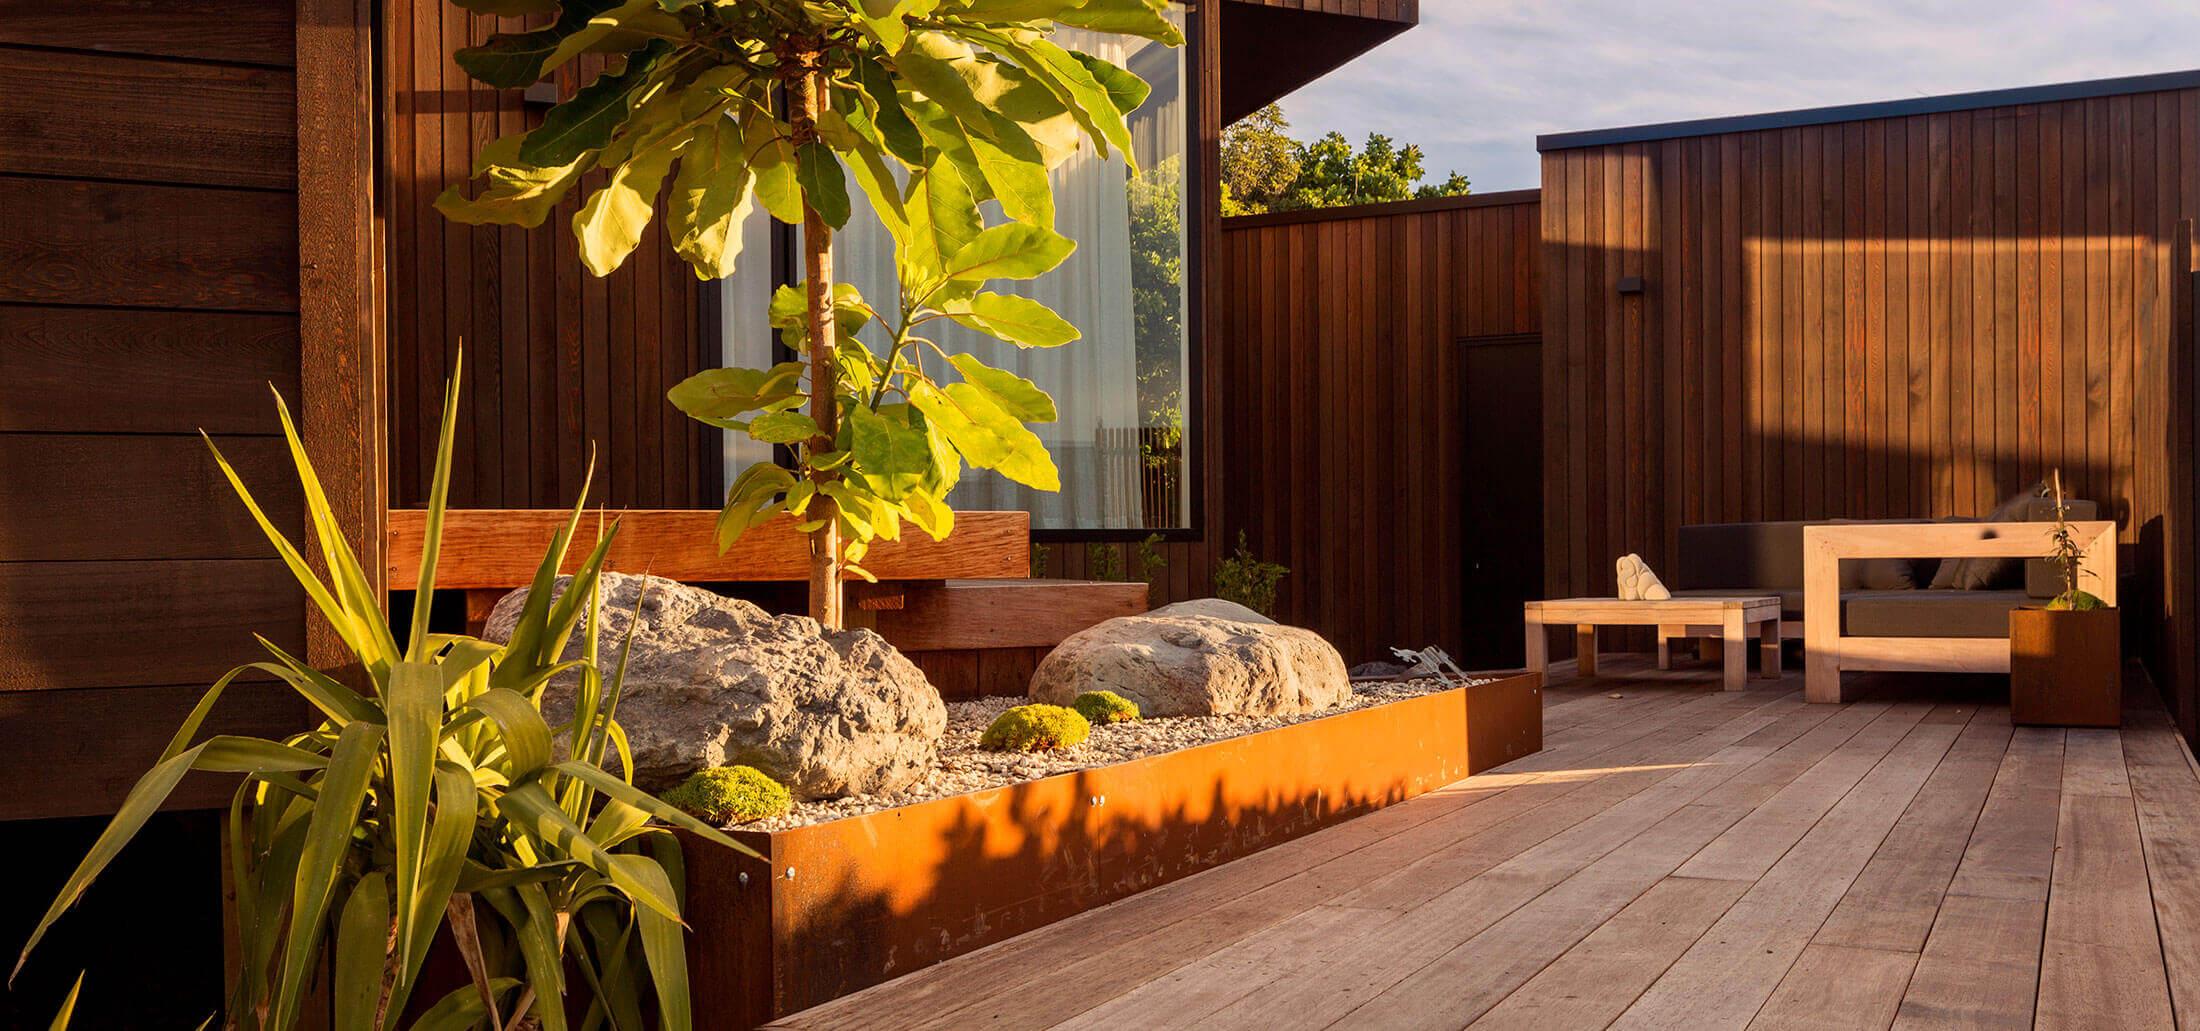 Gunn Landscape Design, Christchurch, New Zealand